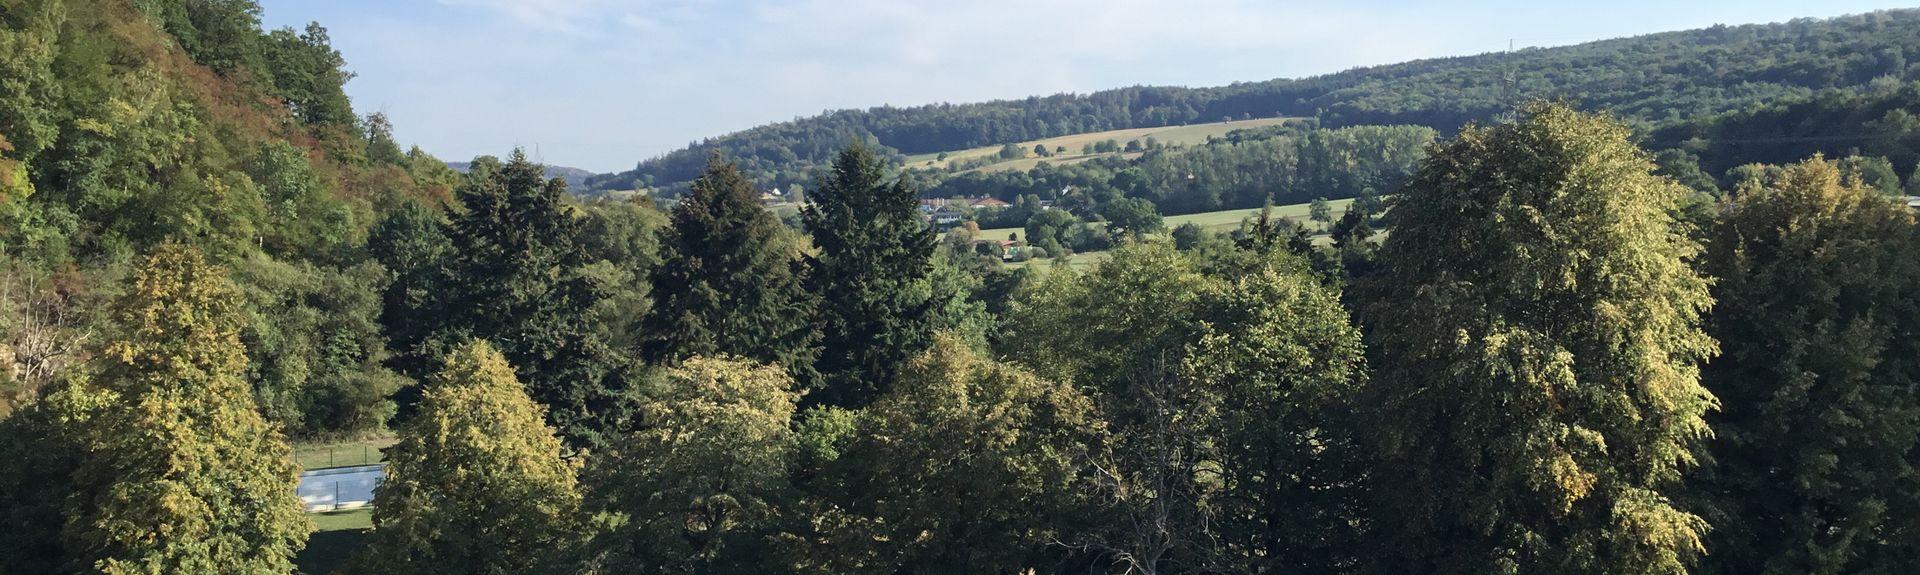 Dillenburg, Hessen, Deutschland